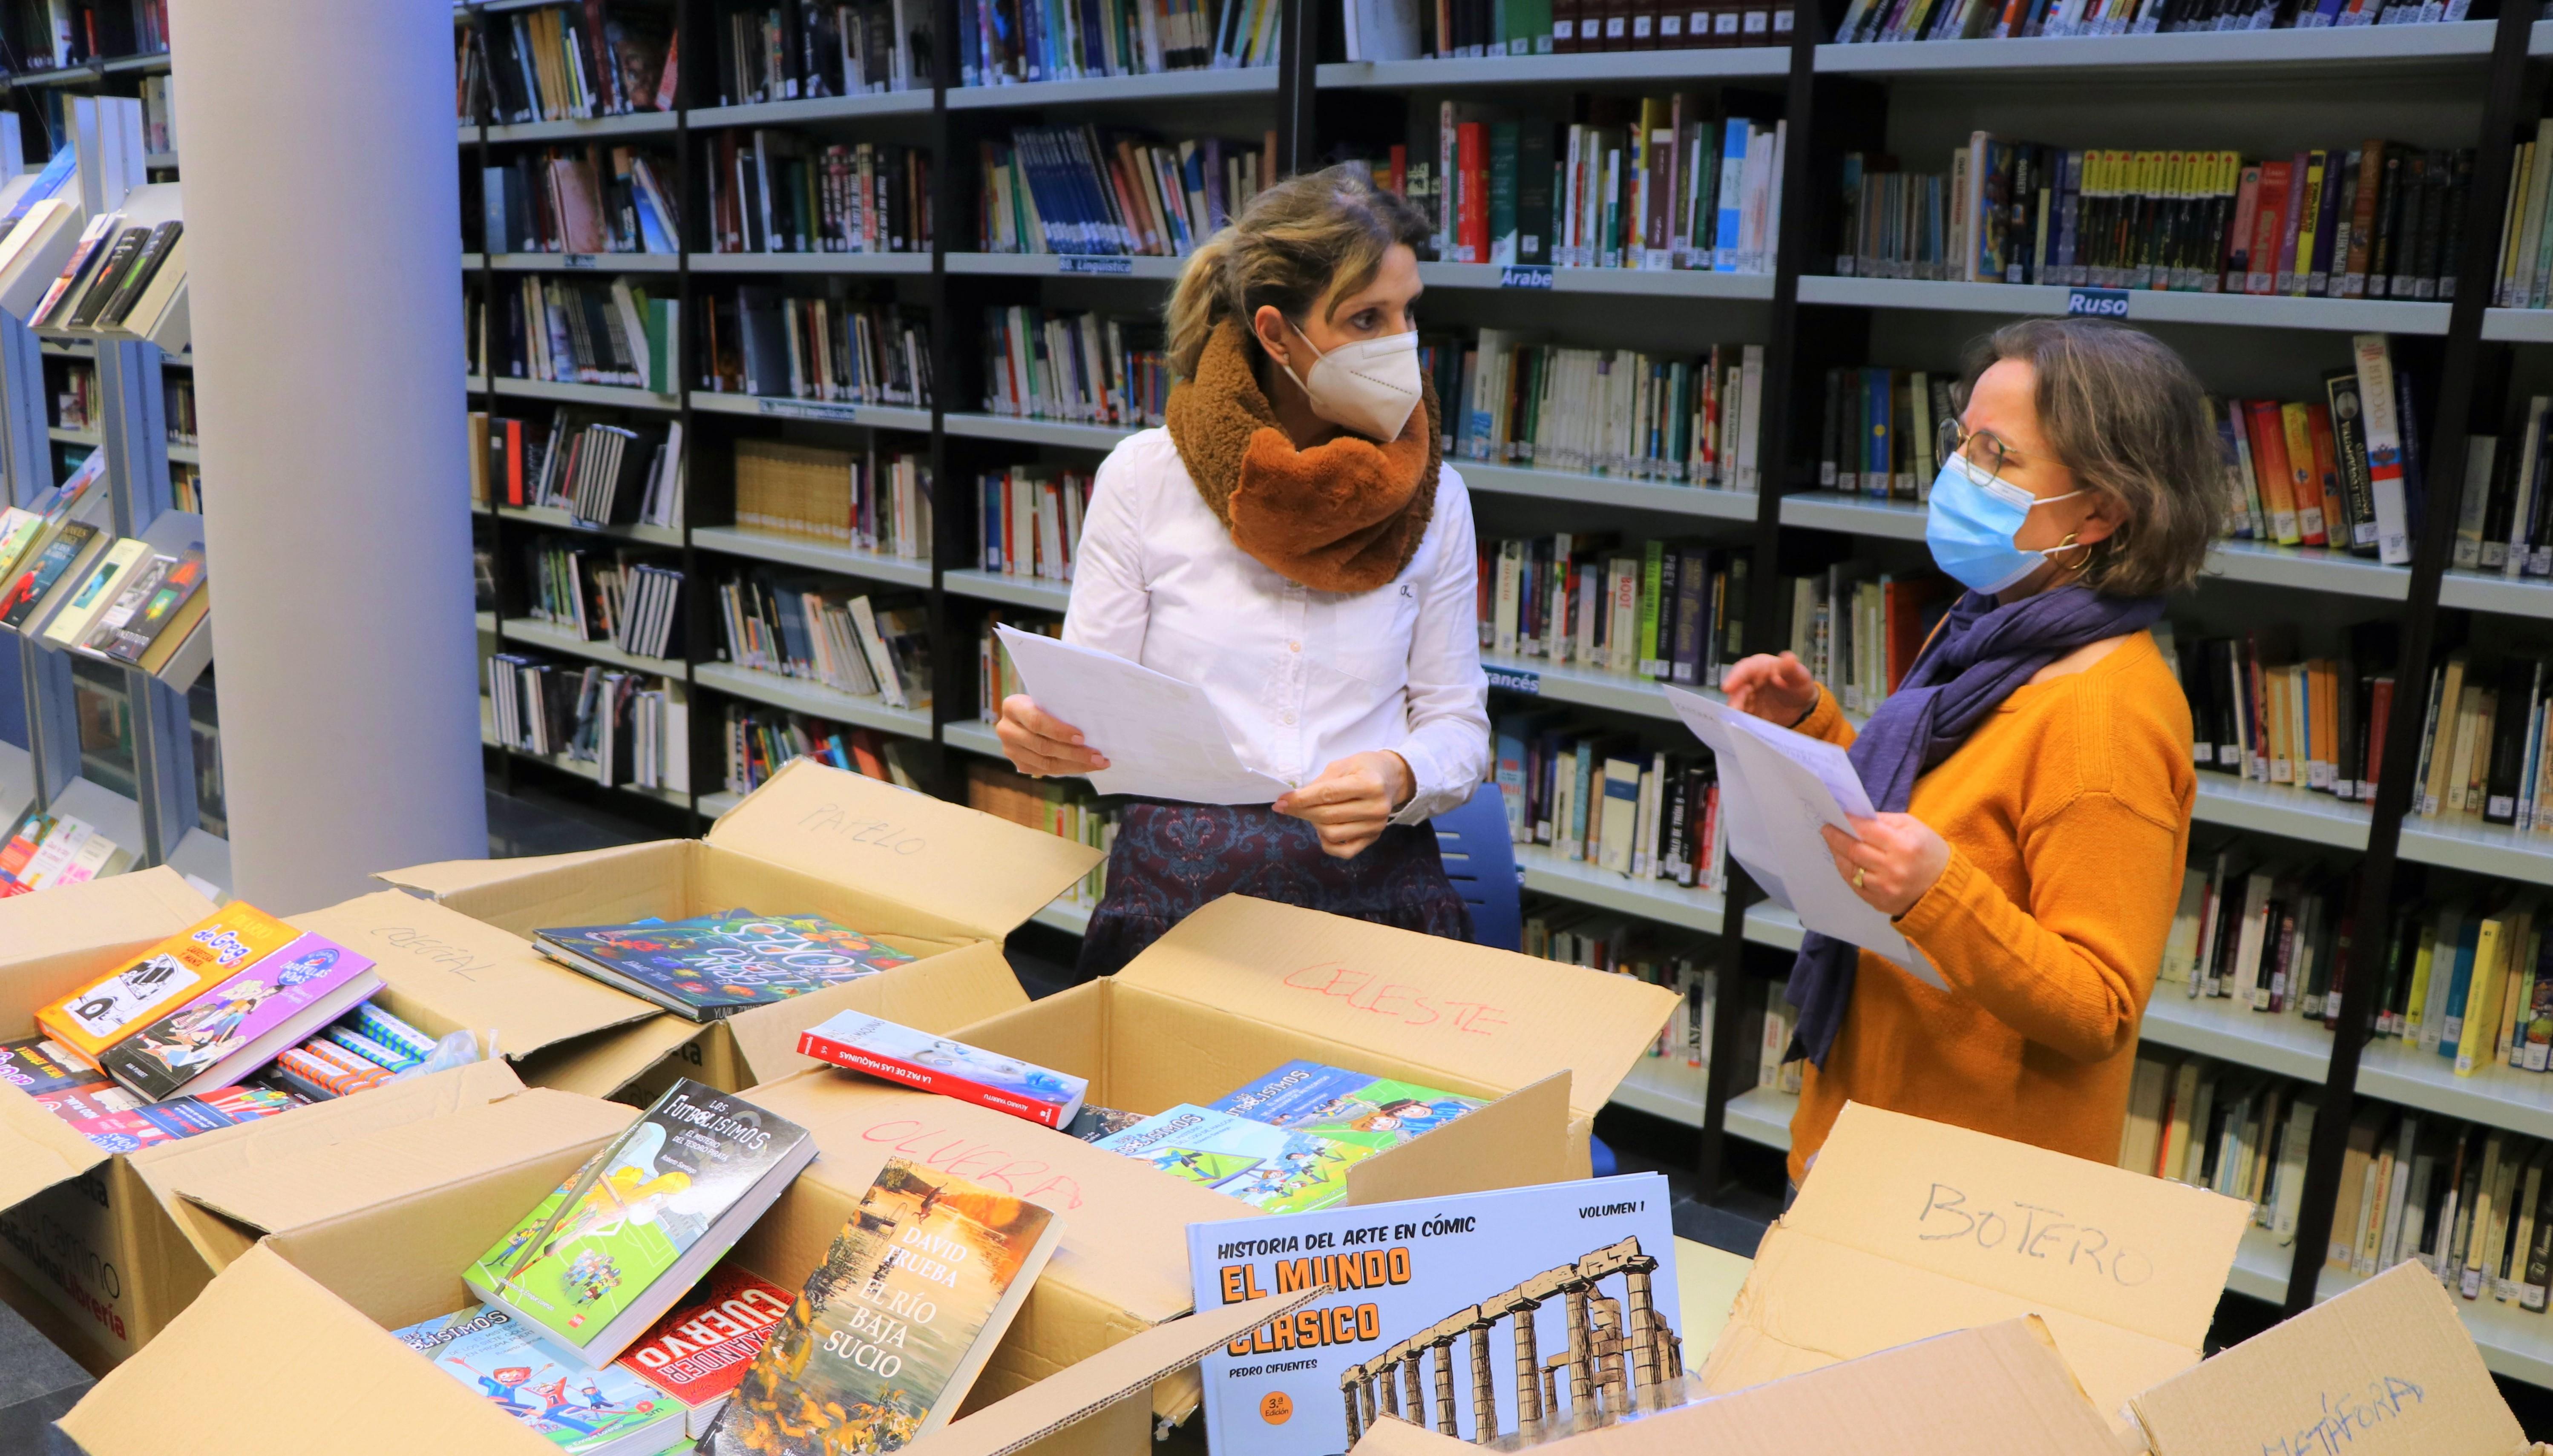 El gobierno local amplía los fondos bibliográficos de la Red de Bibliotecas Públicas del municipio